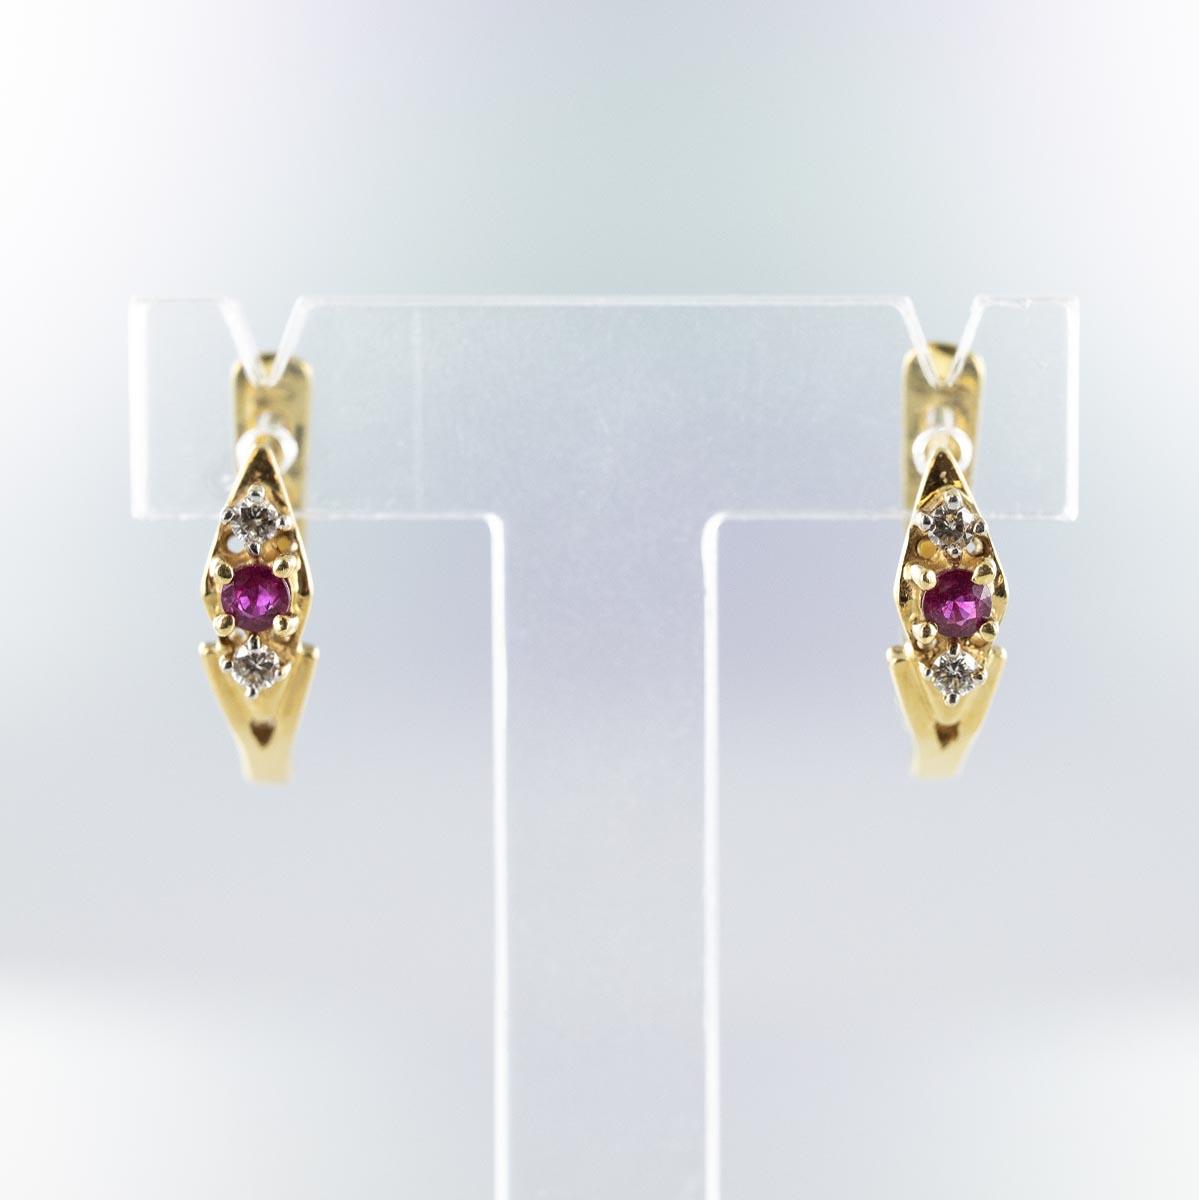 Boucles d'oreilles dormeuses rubis diamants